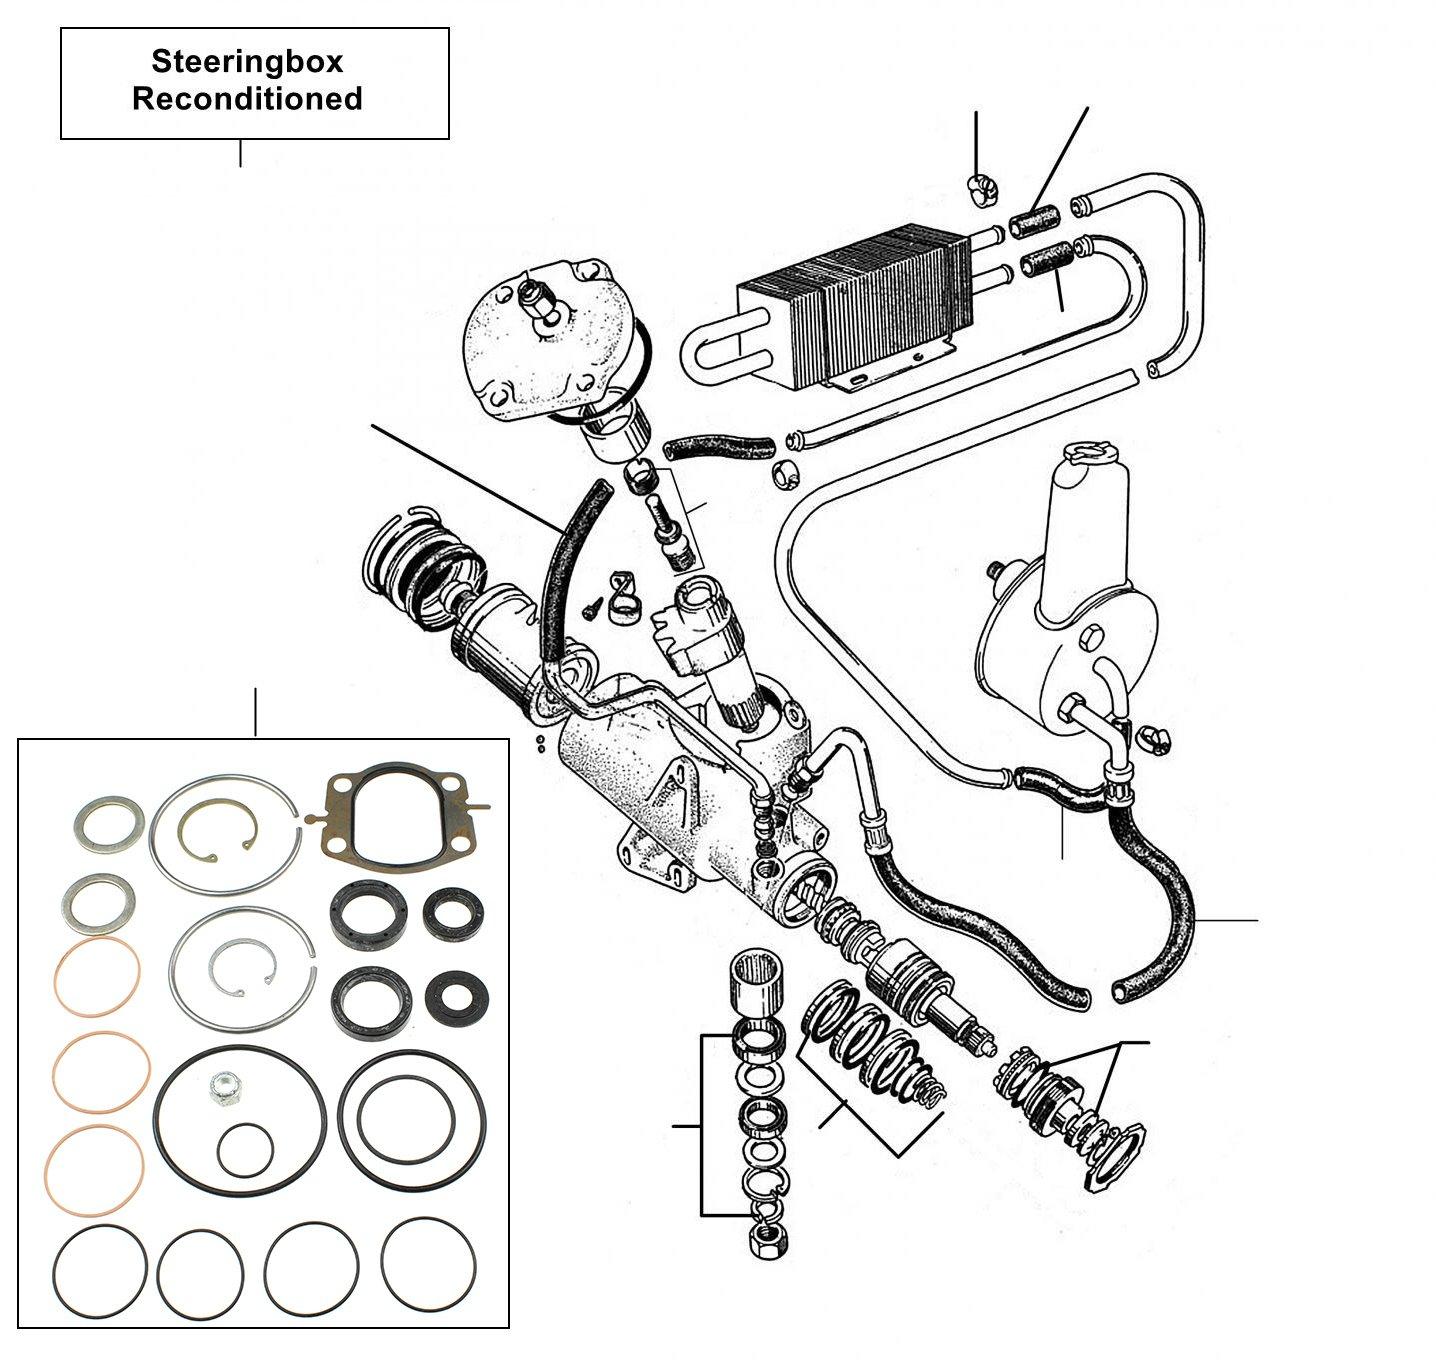 31088 Steering box - VIN 11215 till 27000